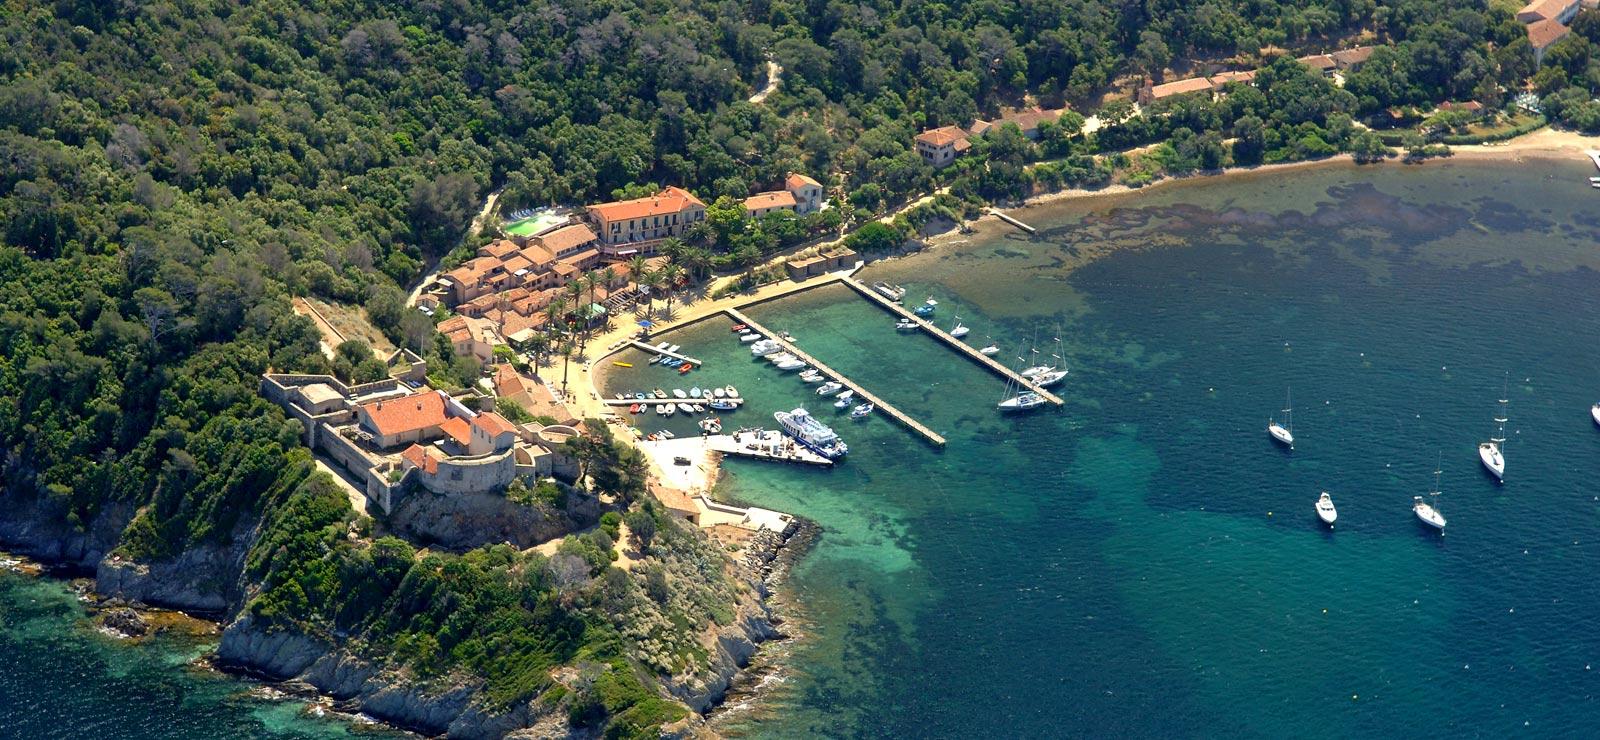 Hotel Ile De Port Cros